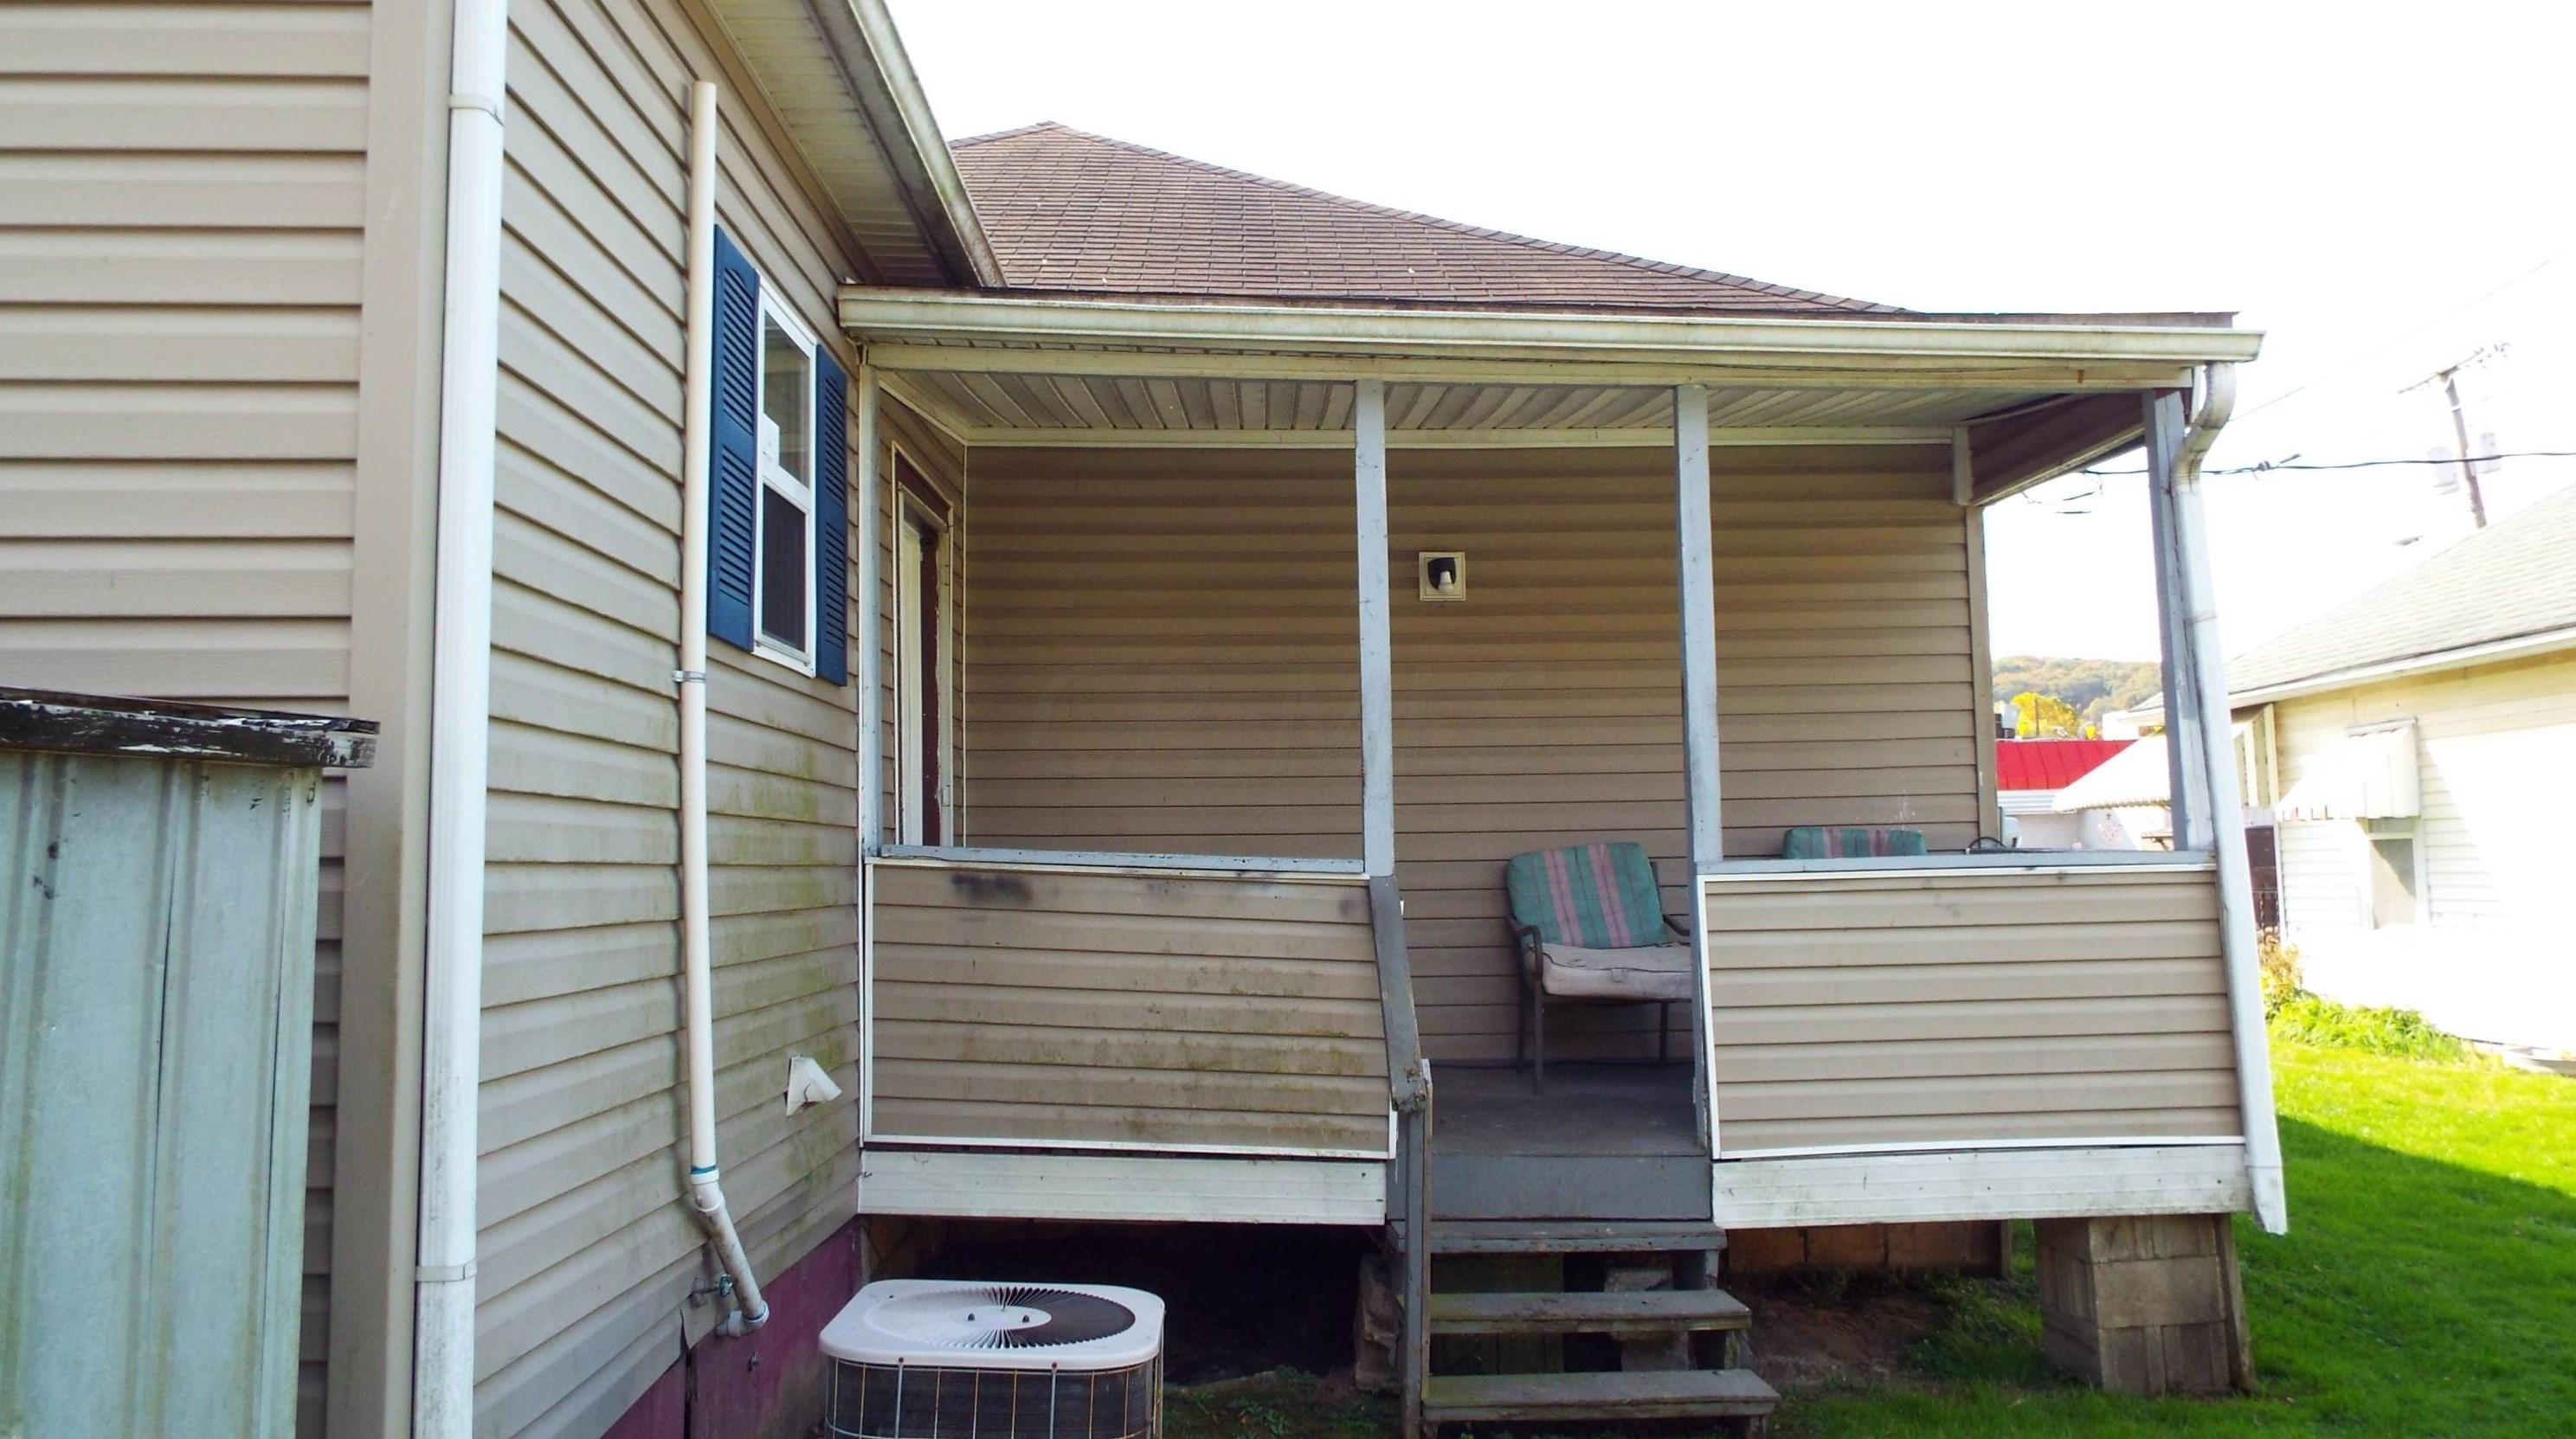 1012 Chestnut St, Nelsonville, OH 45764